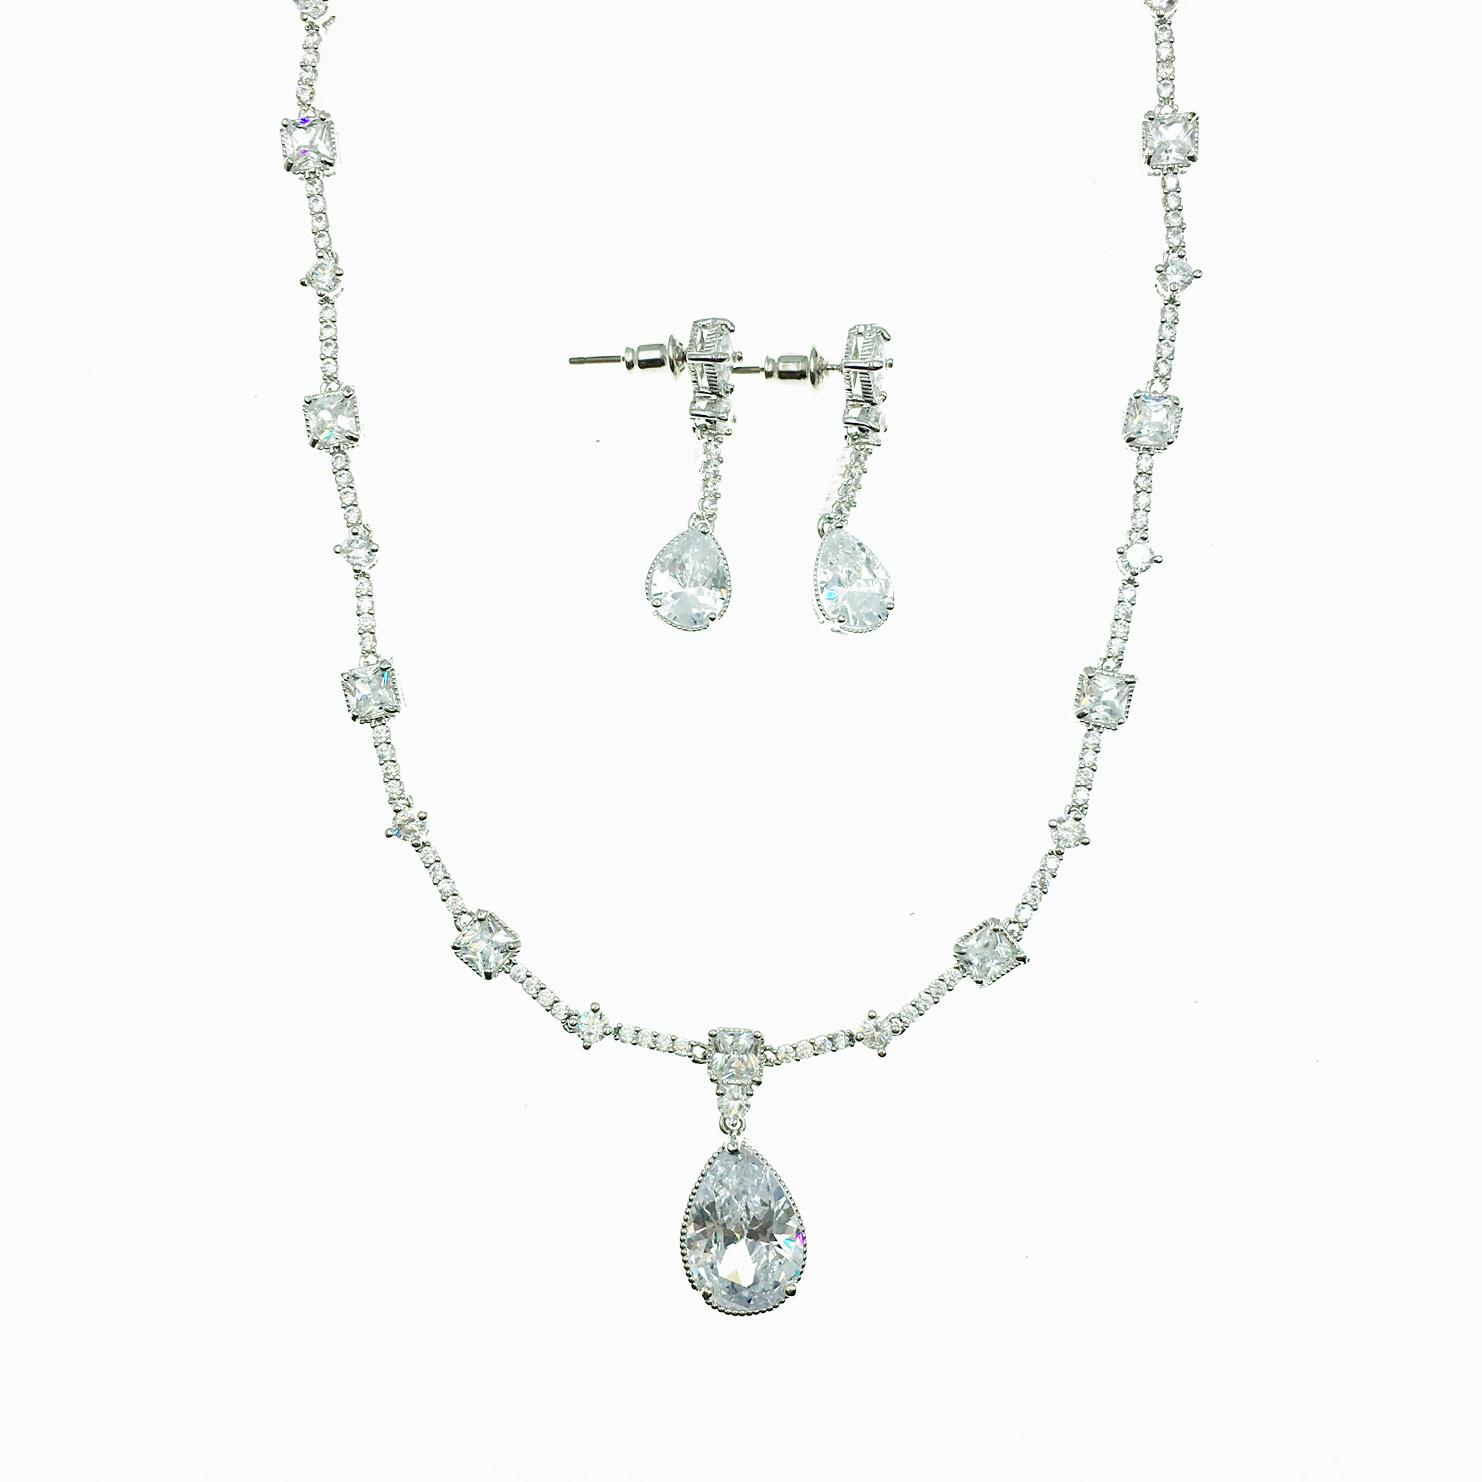 水滴水鑽 垂墜 新娘飾品 耳環項鍊套組 採用施華洛世奇水晶元素 Crystals from Swarovski